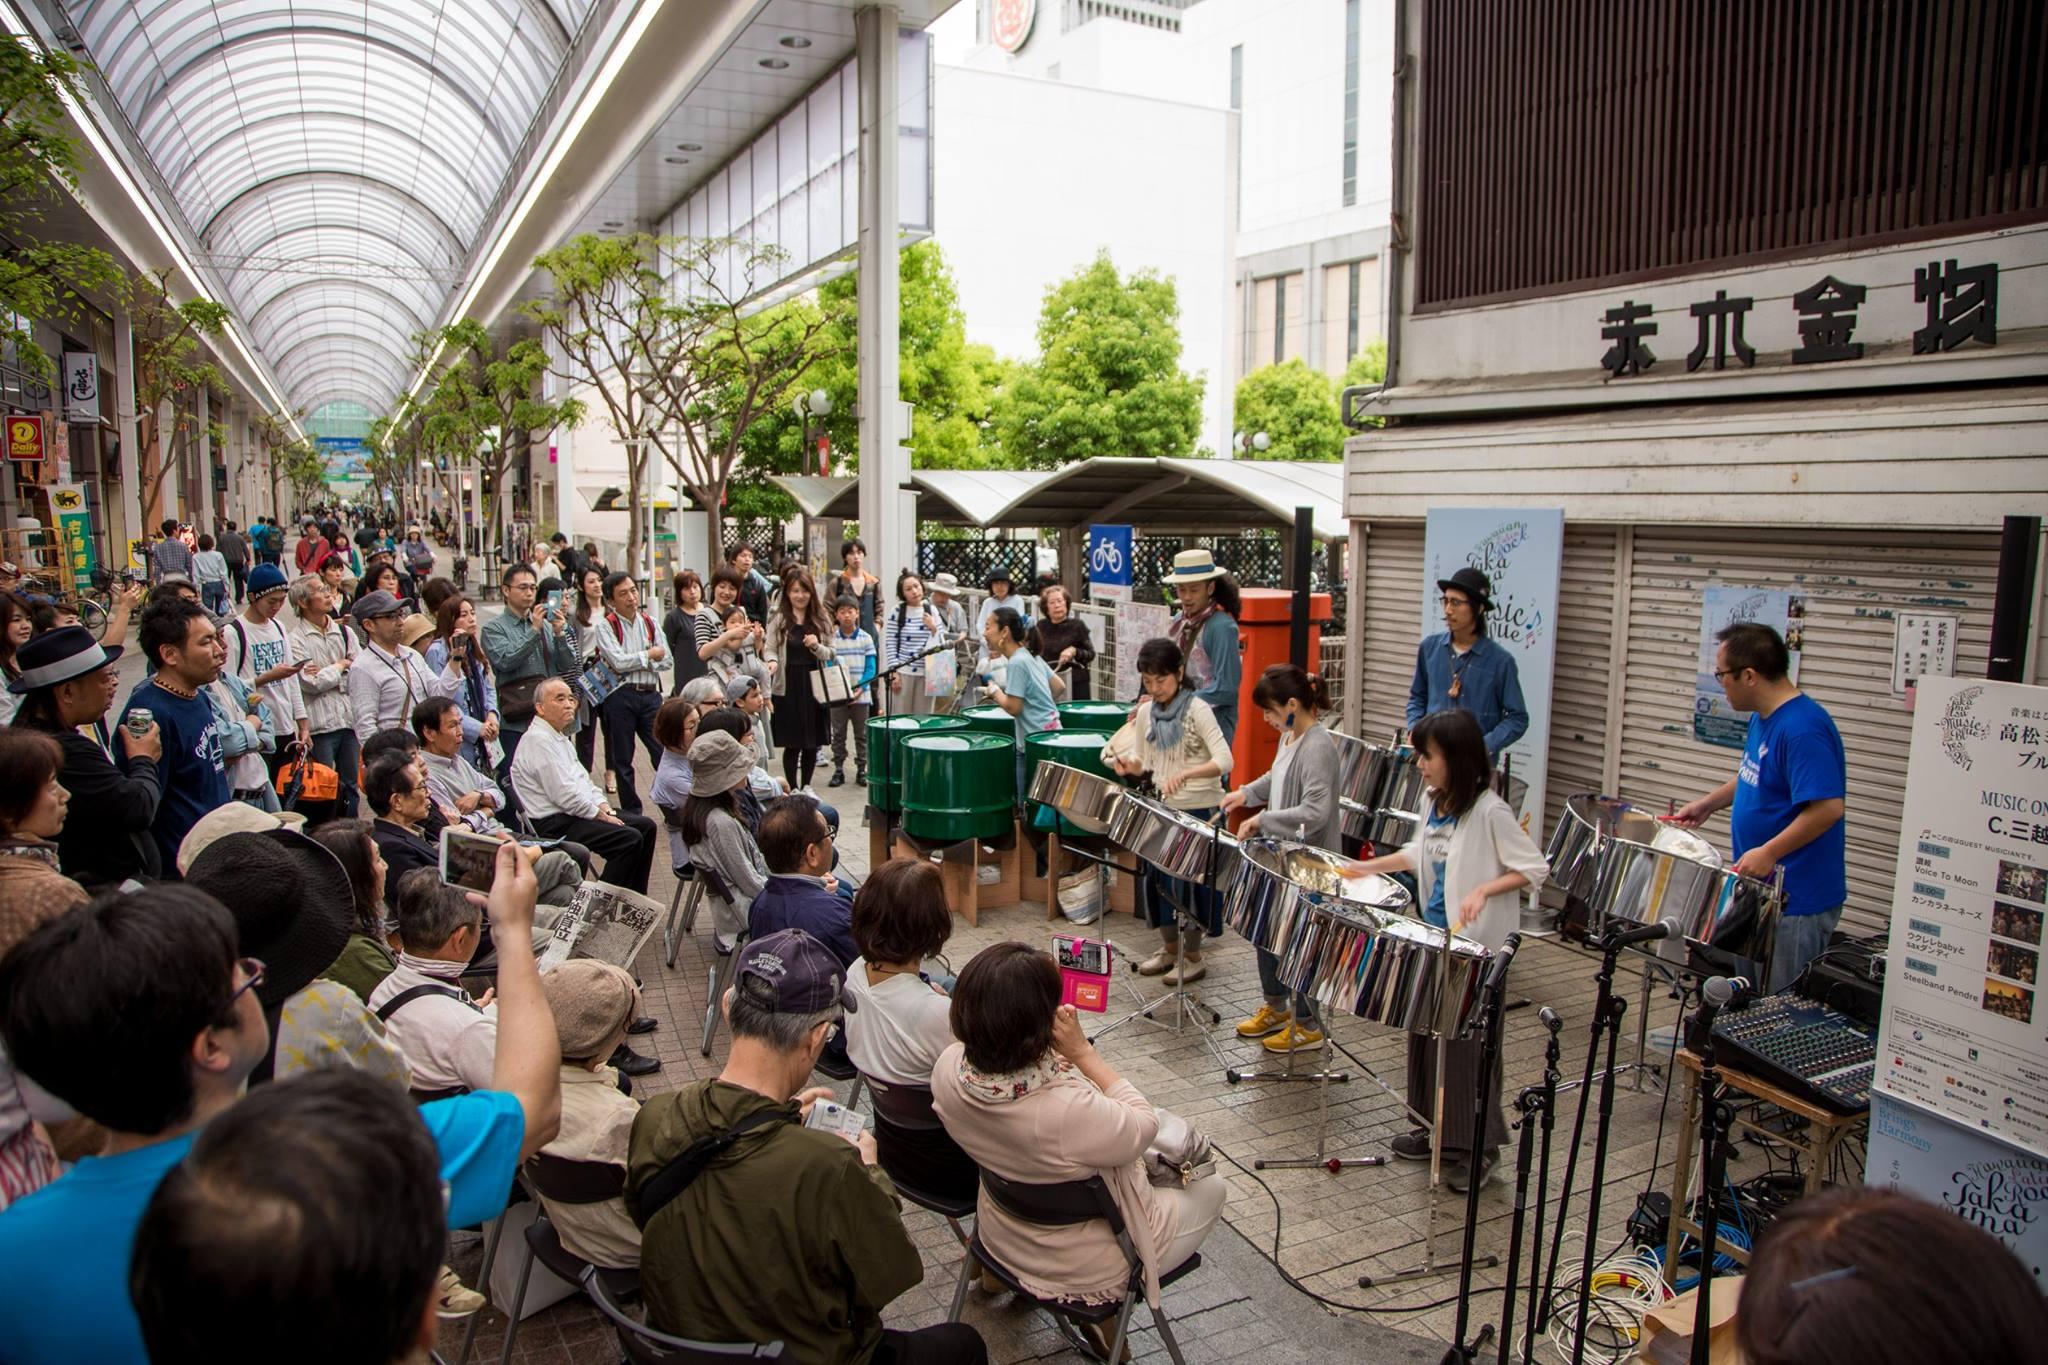 商店街など高松市内のあちこちで演奏が行われた「高松ミュージックブルーフェス2017」=2017年5月(写真はいずれも「街角に音楽を@高松」提供)